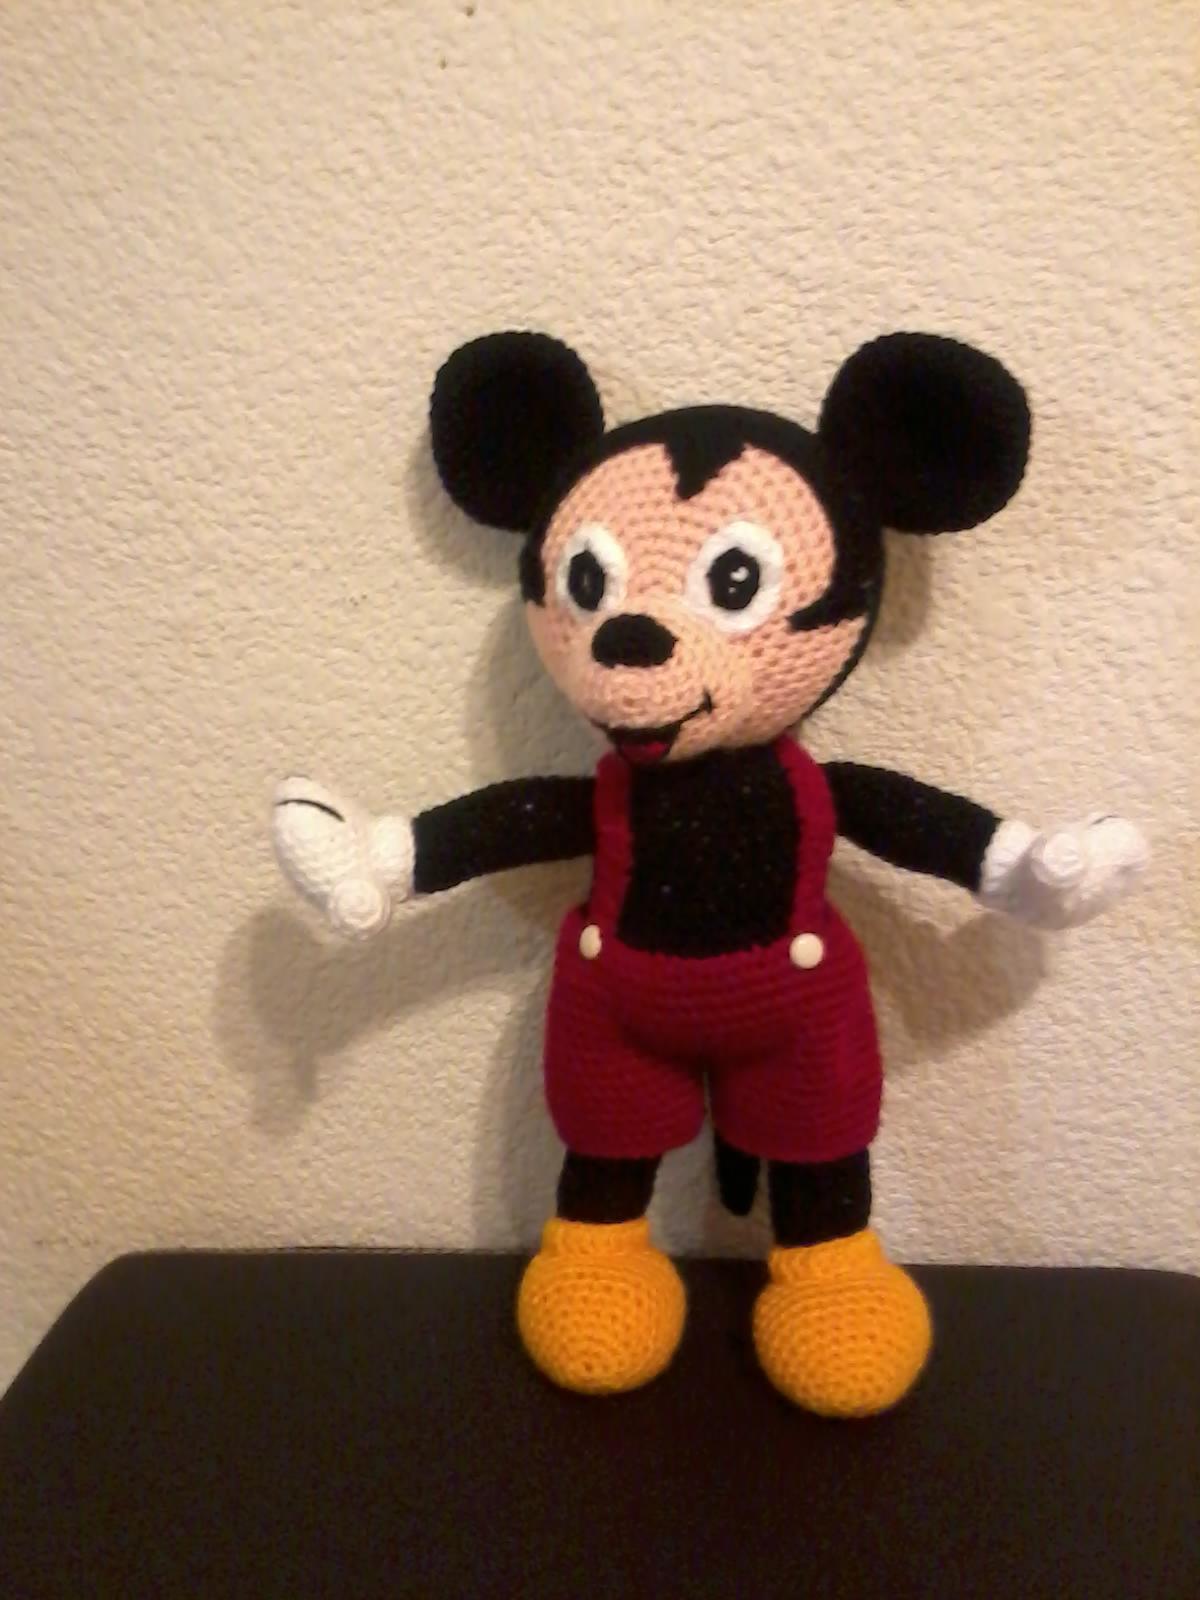 Amigurumi Disney Tutorial : NOVEDADES JENPOALI: PATRON MICKEY MOUSE AMIGURUMI (2) (DISNEY)